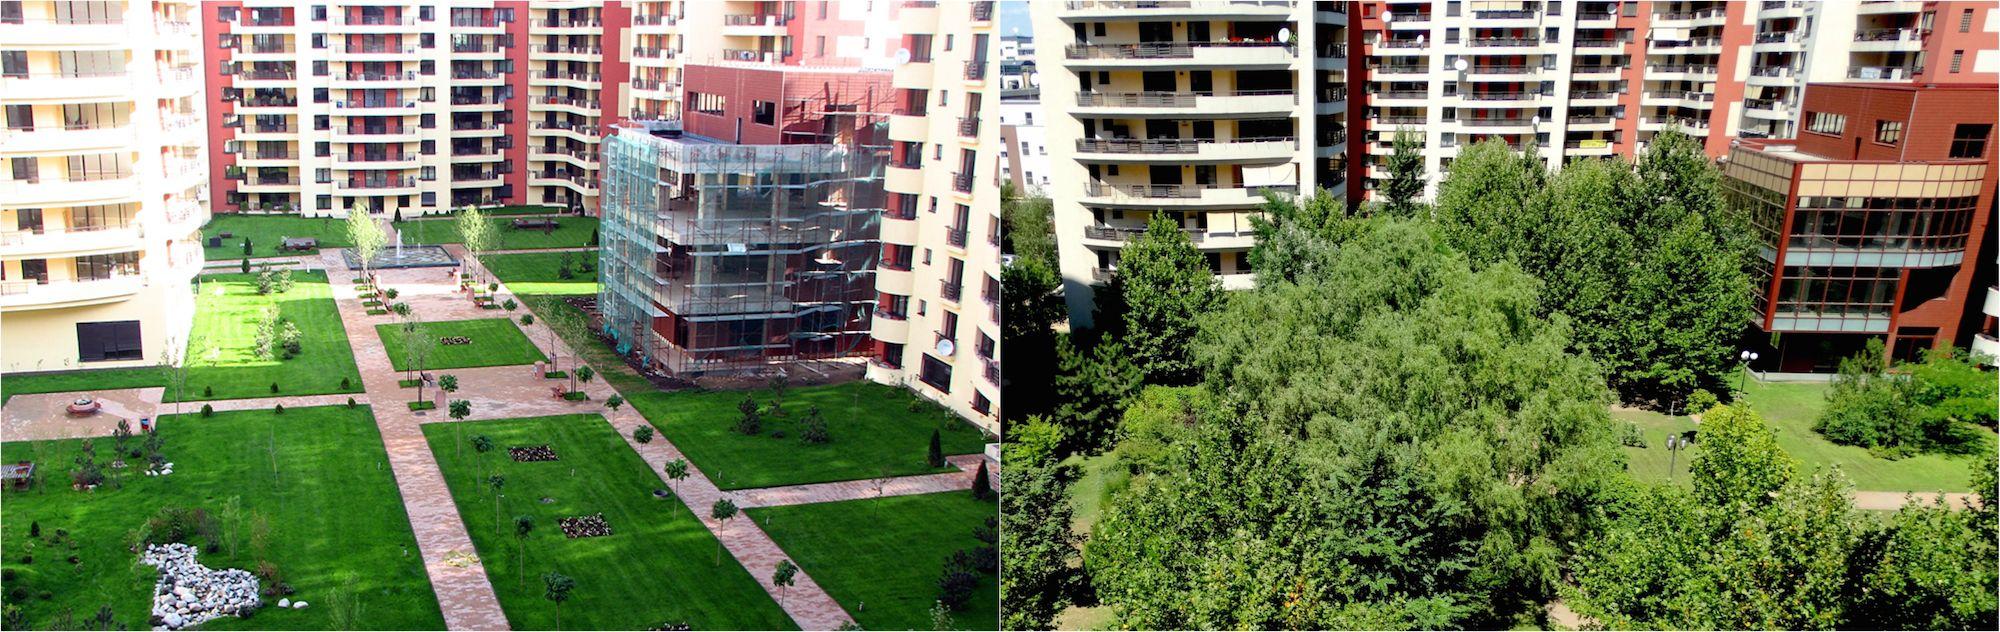 Amenajarea gradinii unui ansamblului rezidential Central Park din Bucuresti